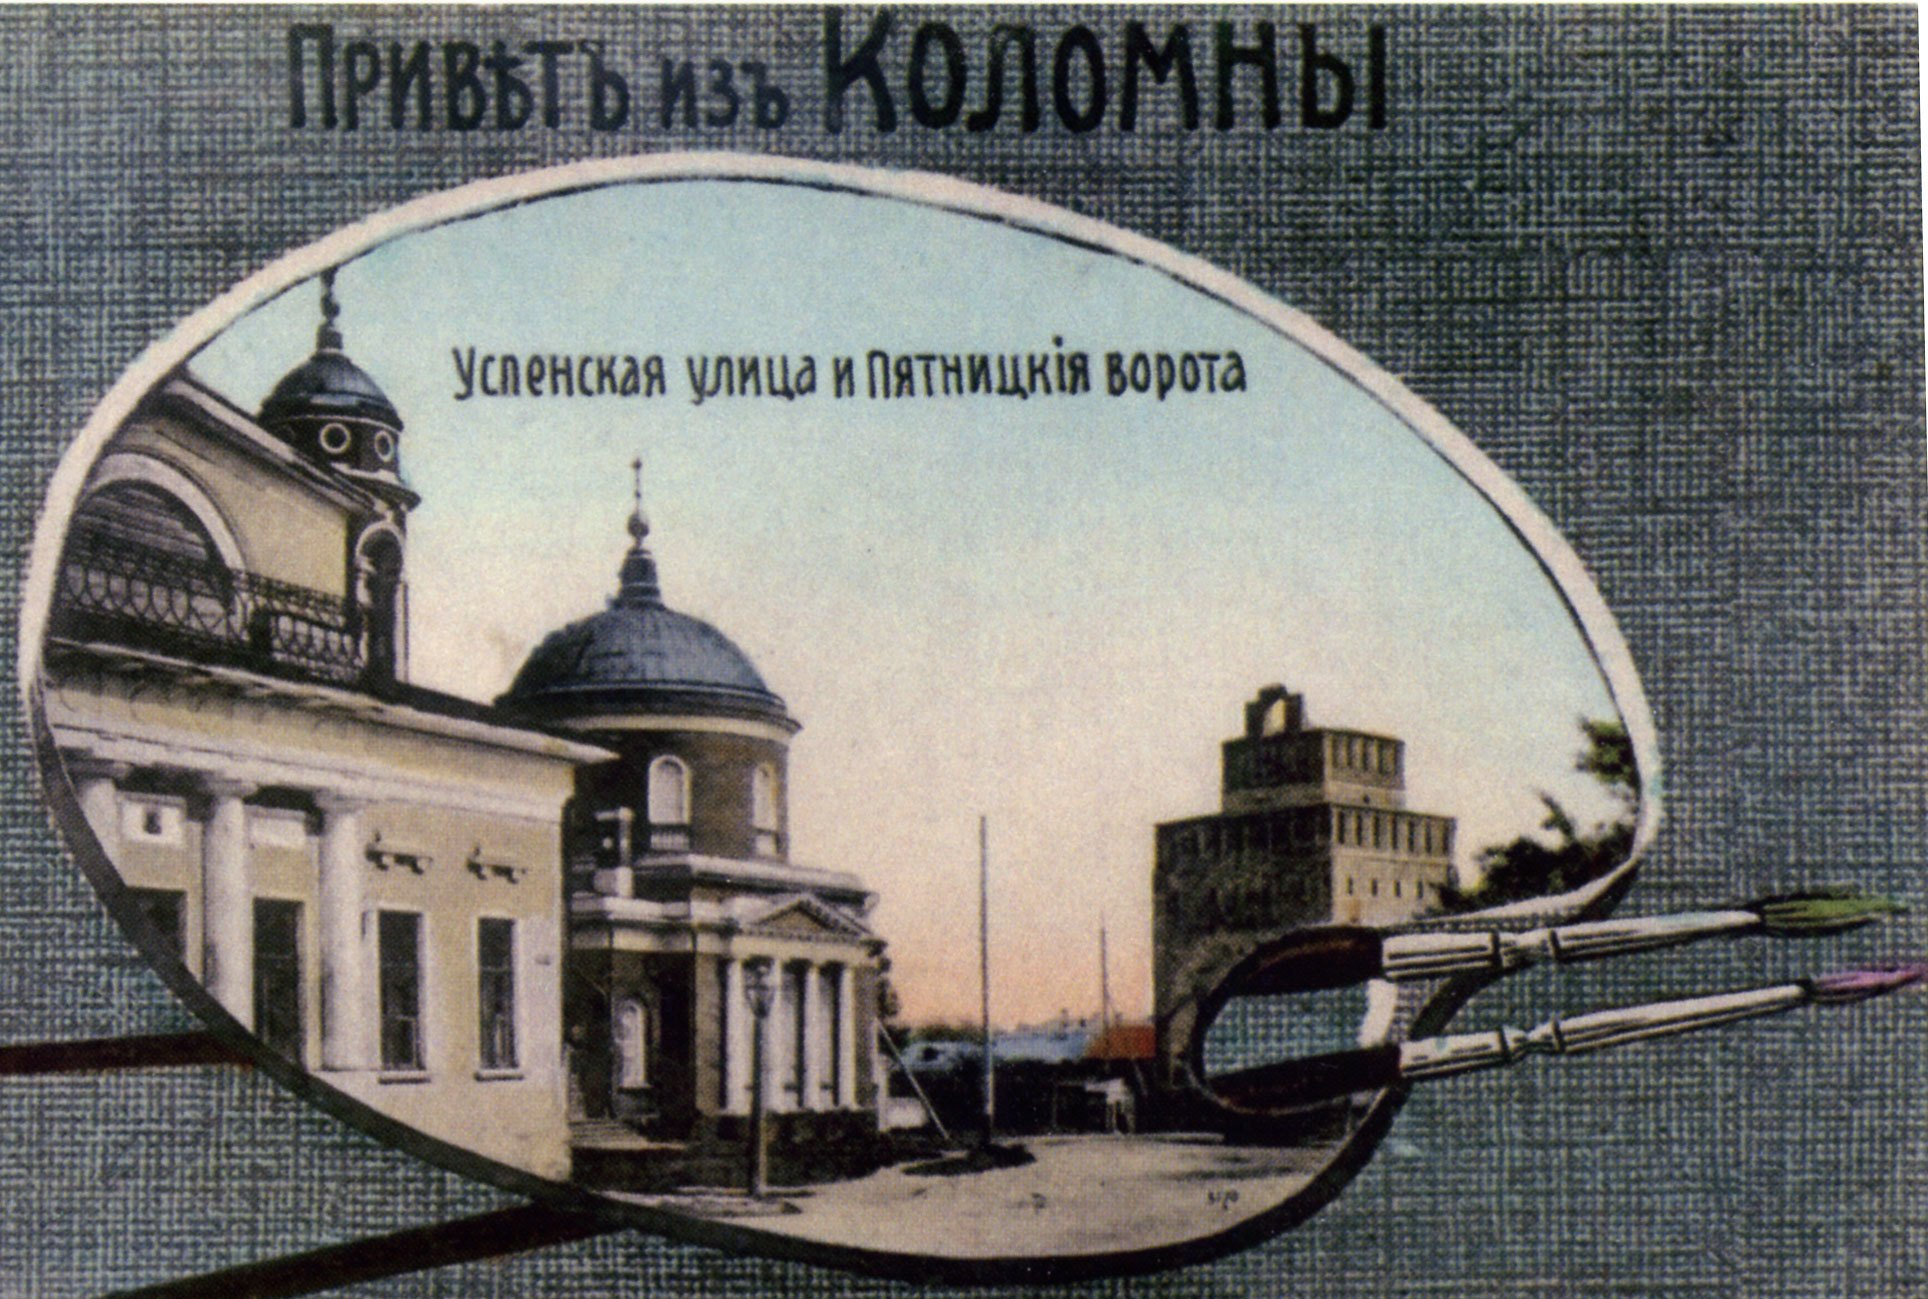 Успенская улица. Особняк Мозговых, Воздвиженская церковь, Пятницкие ворота